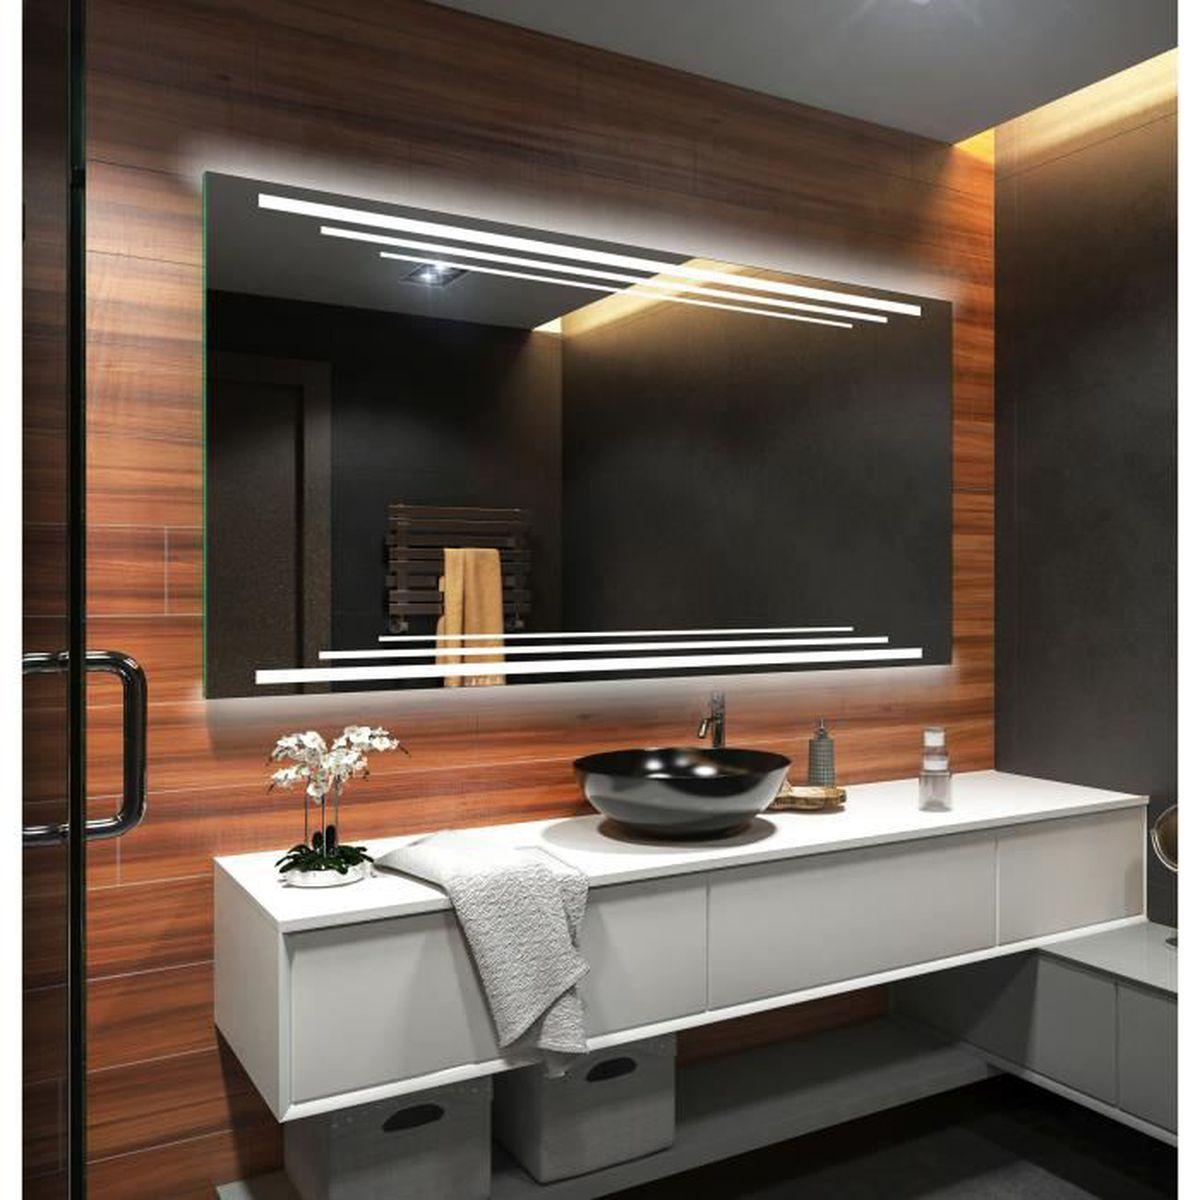 Miroir Salle De Bain 120 Cm artforma l75 120x60cm illumination led miroir sur mesure